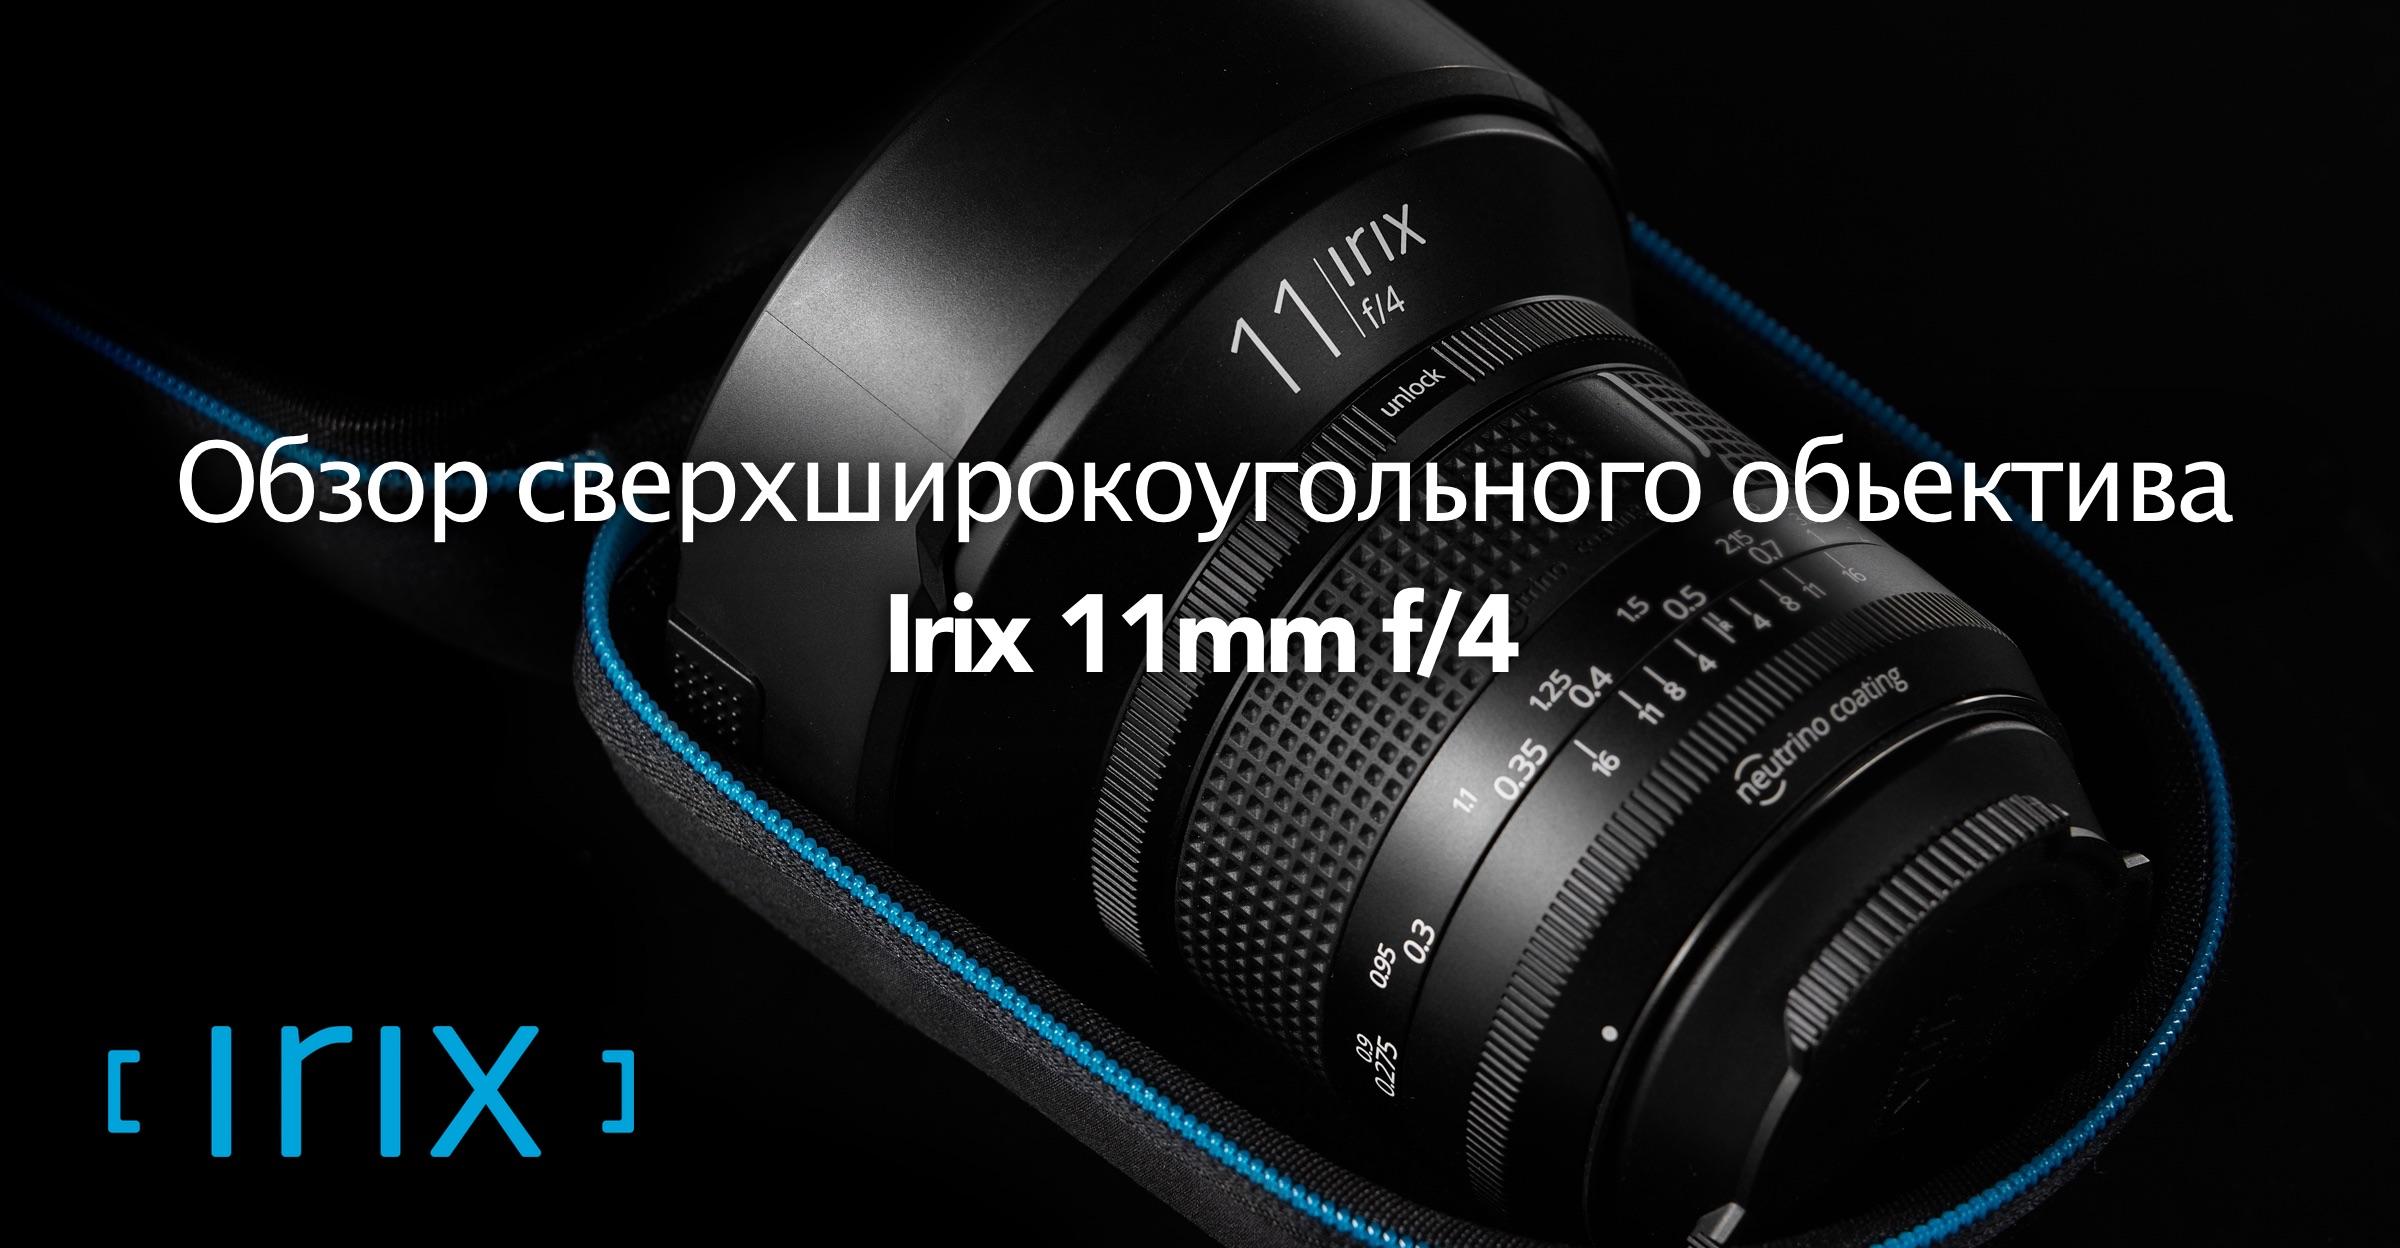 Обзор объектива Irix 11mm f/4